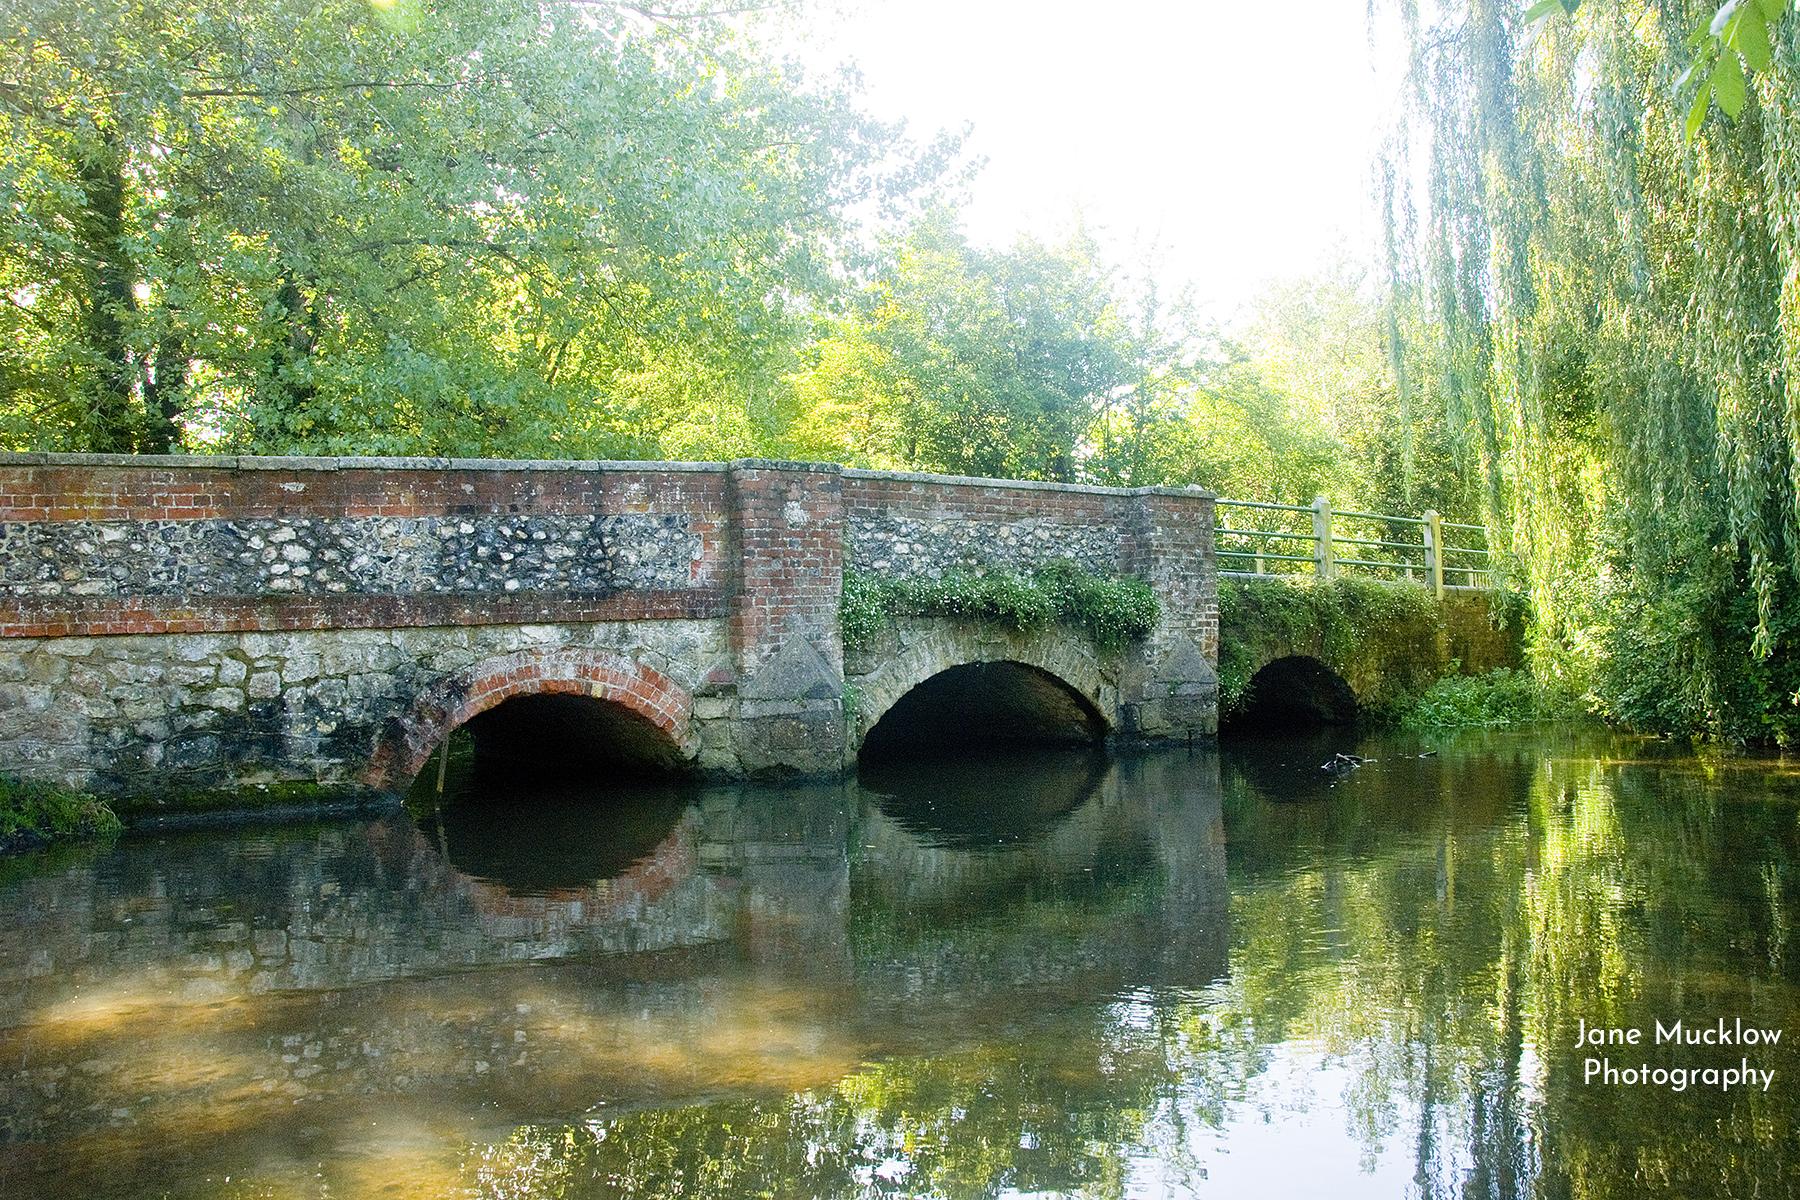 Photo of Shoreham Bridge, in sunshine, by Jane Mucklow